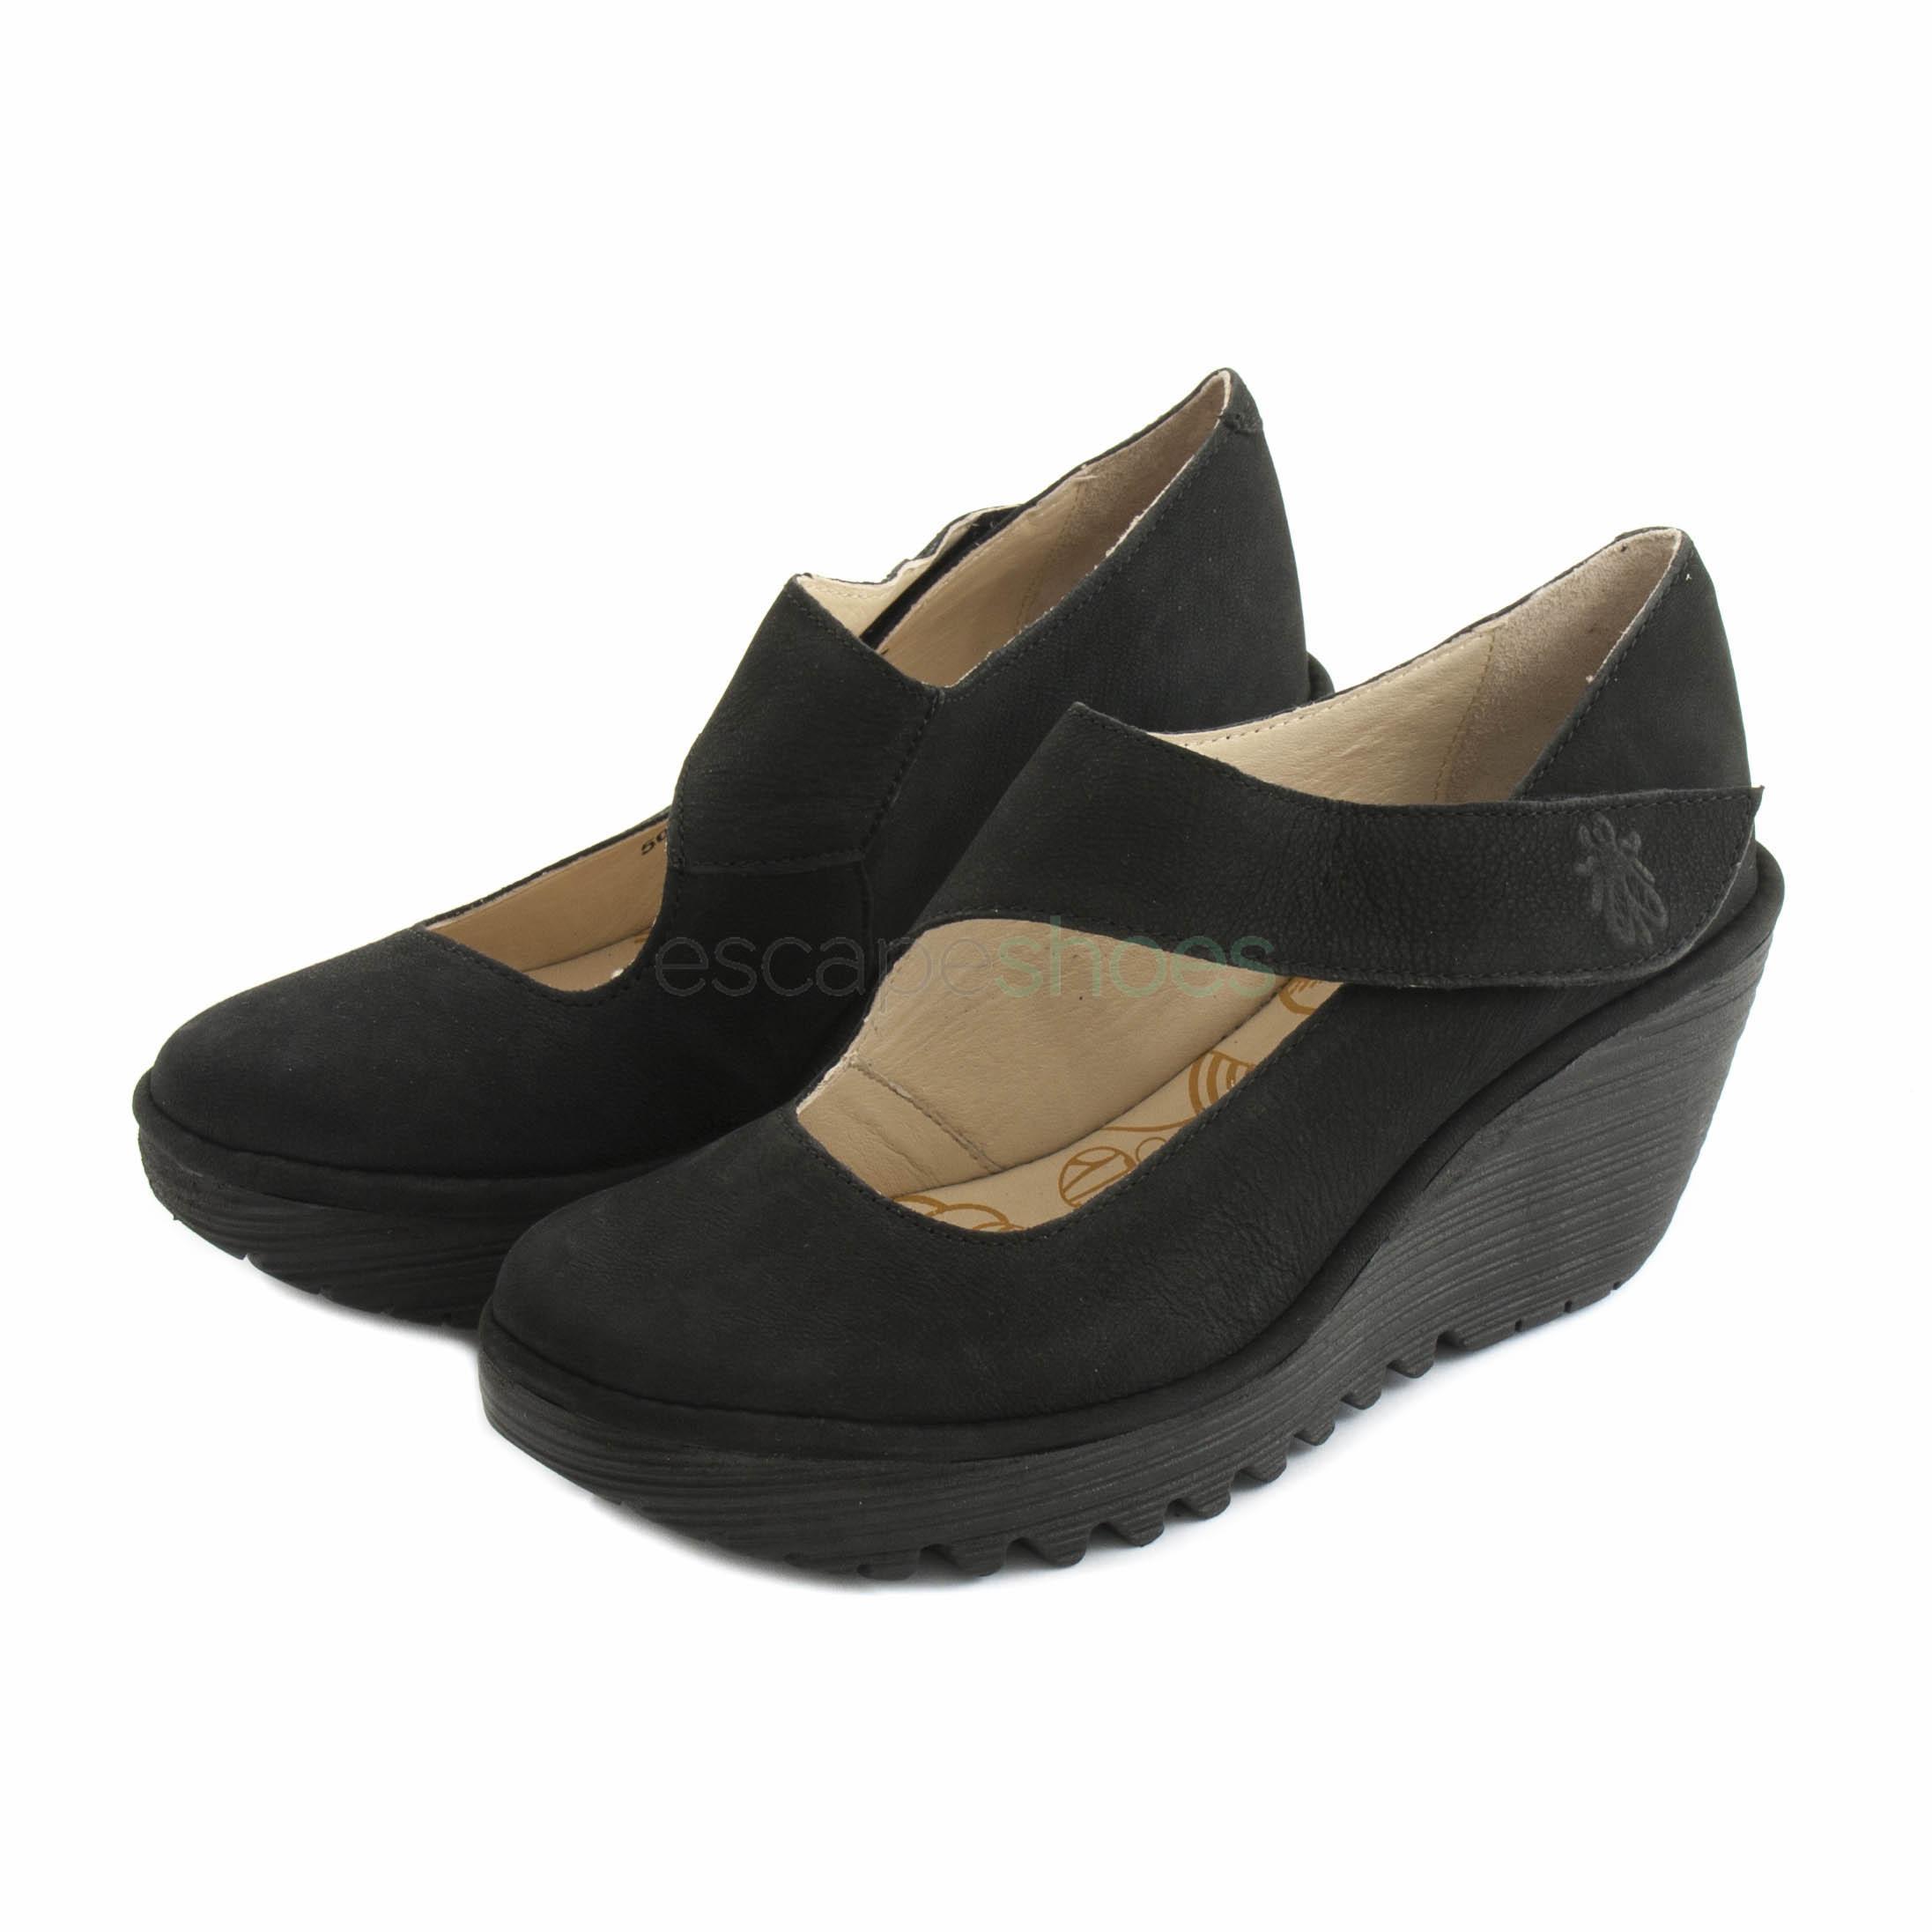 03c78142618 Compra aquí tus Zapatos FLY LONDON Yellow Yasi682 Cupido Negro ...